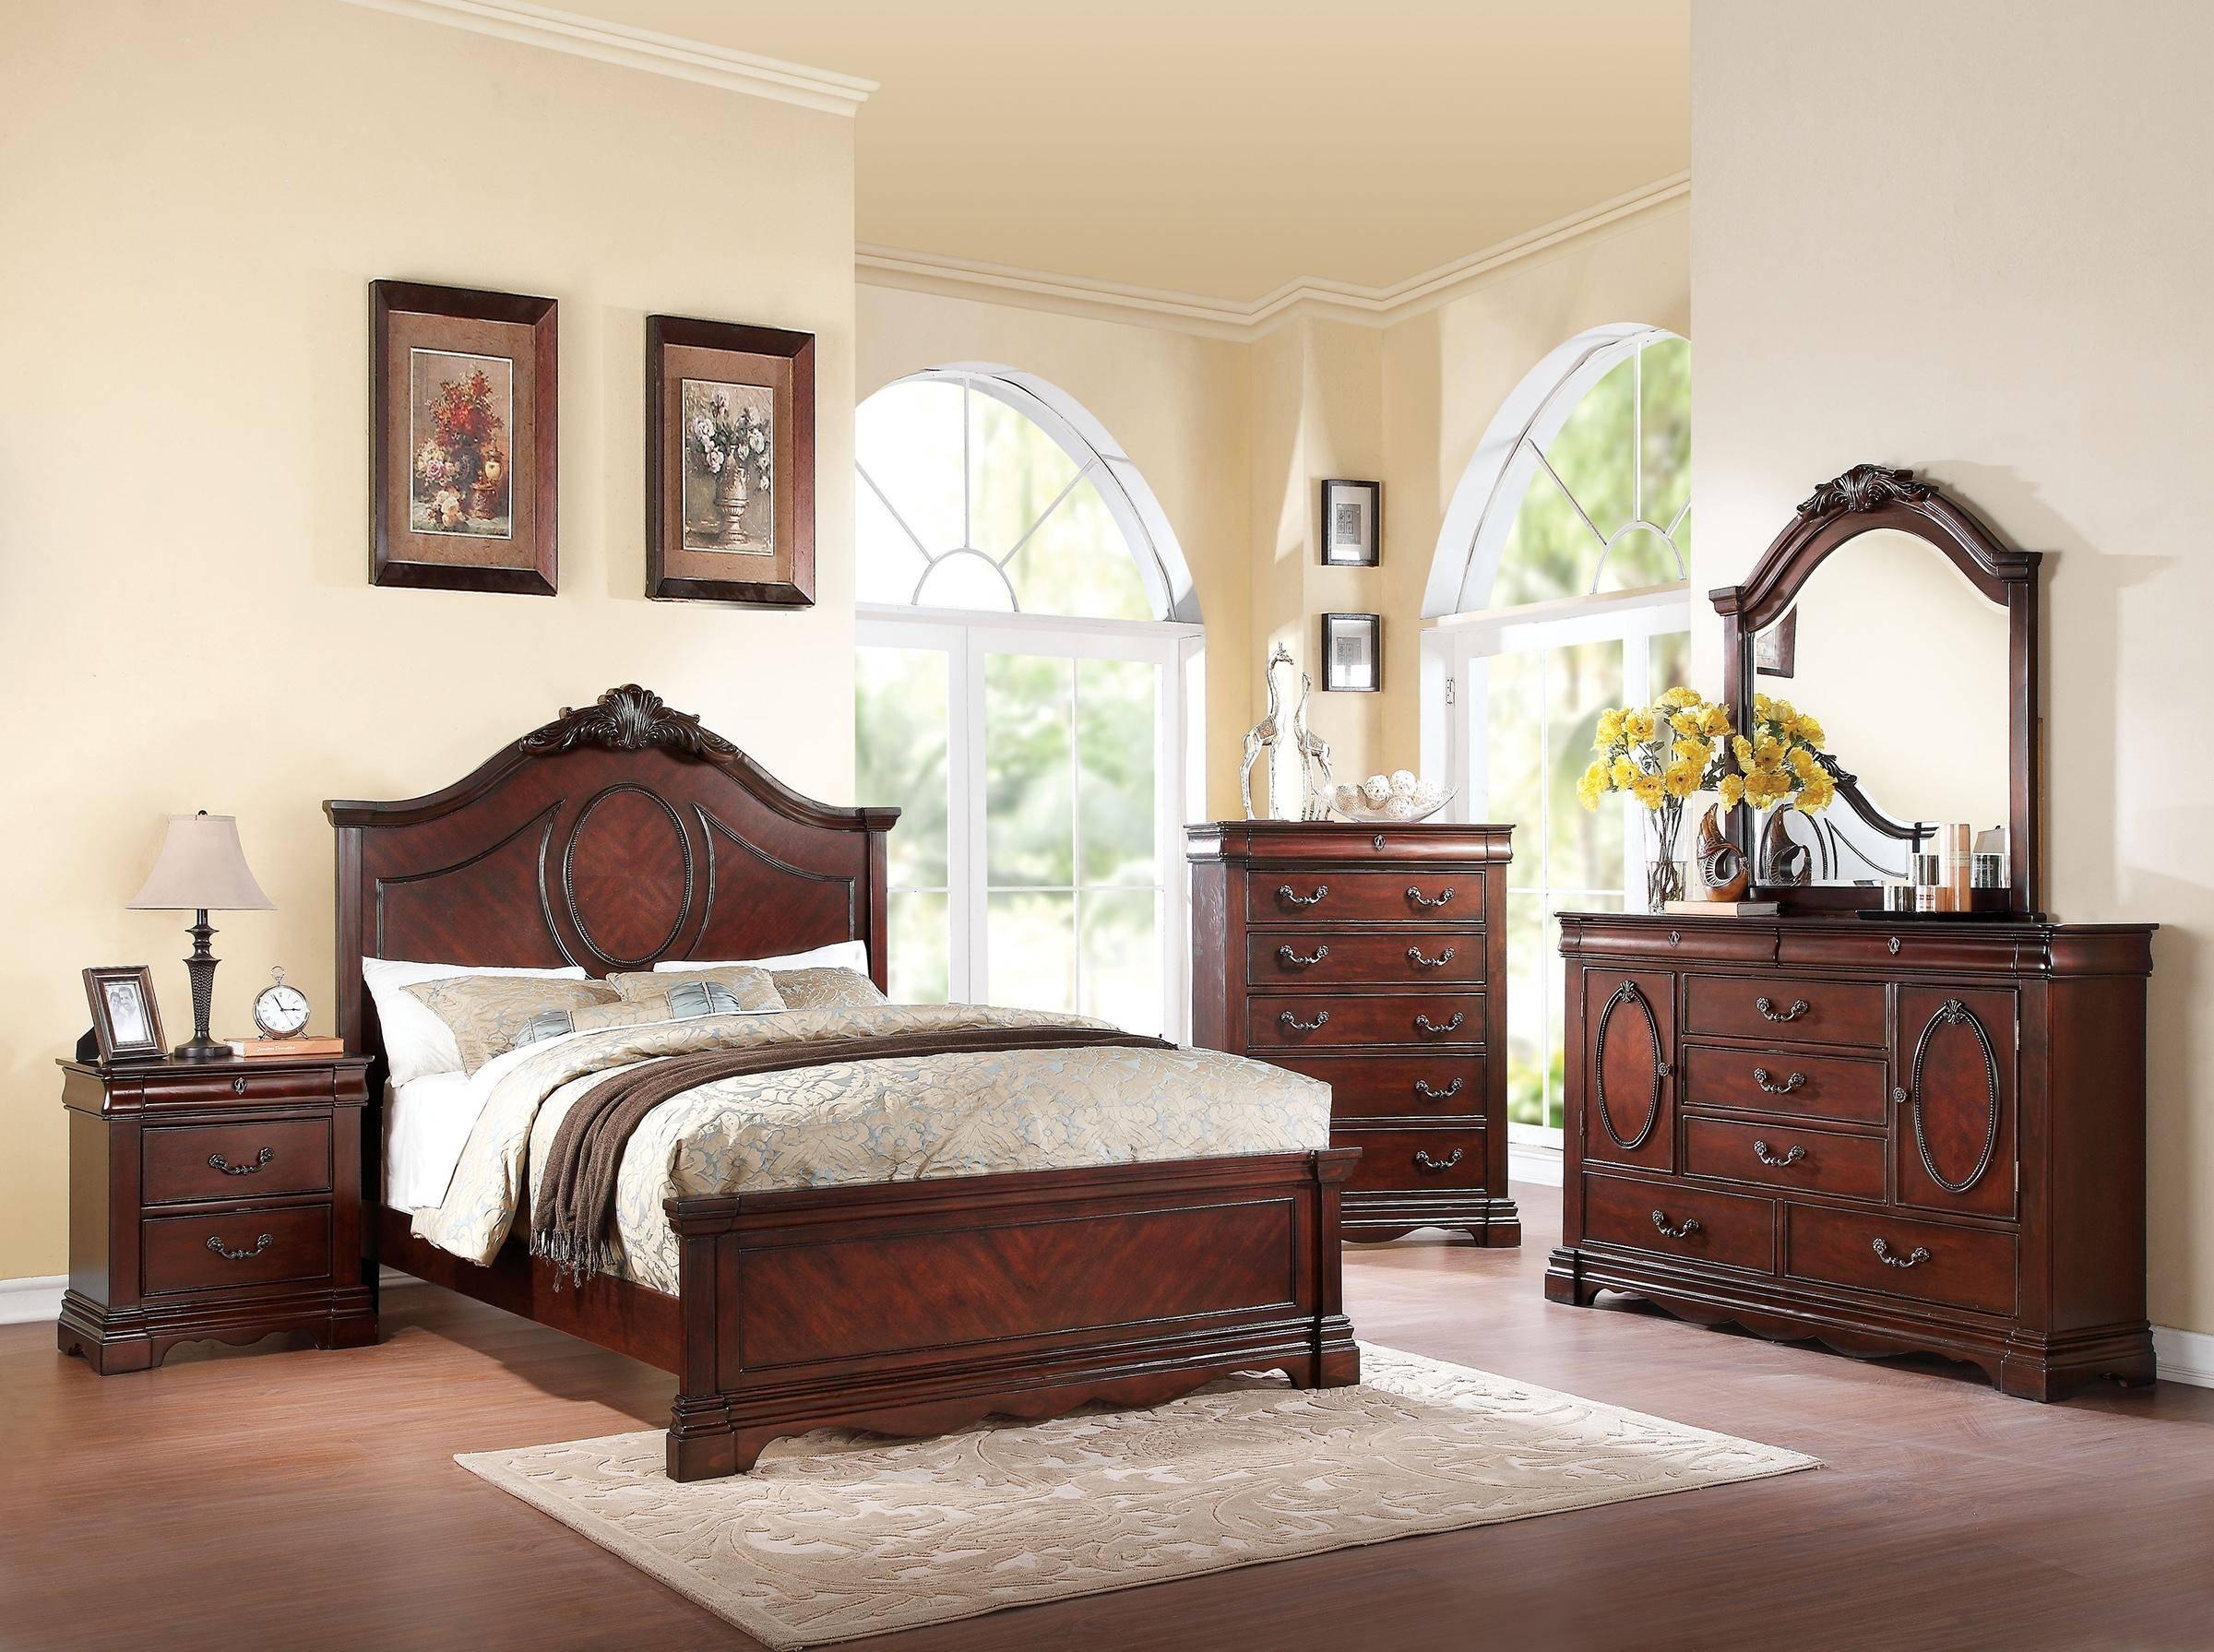 ACME Estrella-20730Q Queen Panel Bedroom Set 5 Pcs in Dark Cherry, Wood,  Wood Veneers